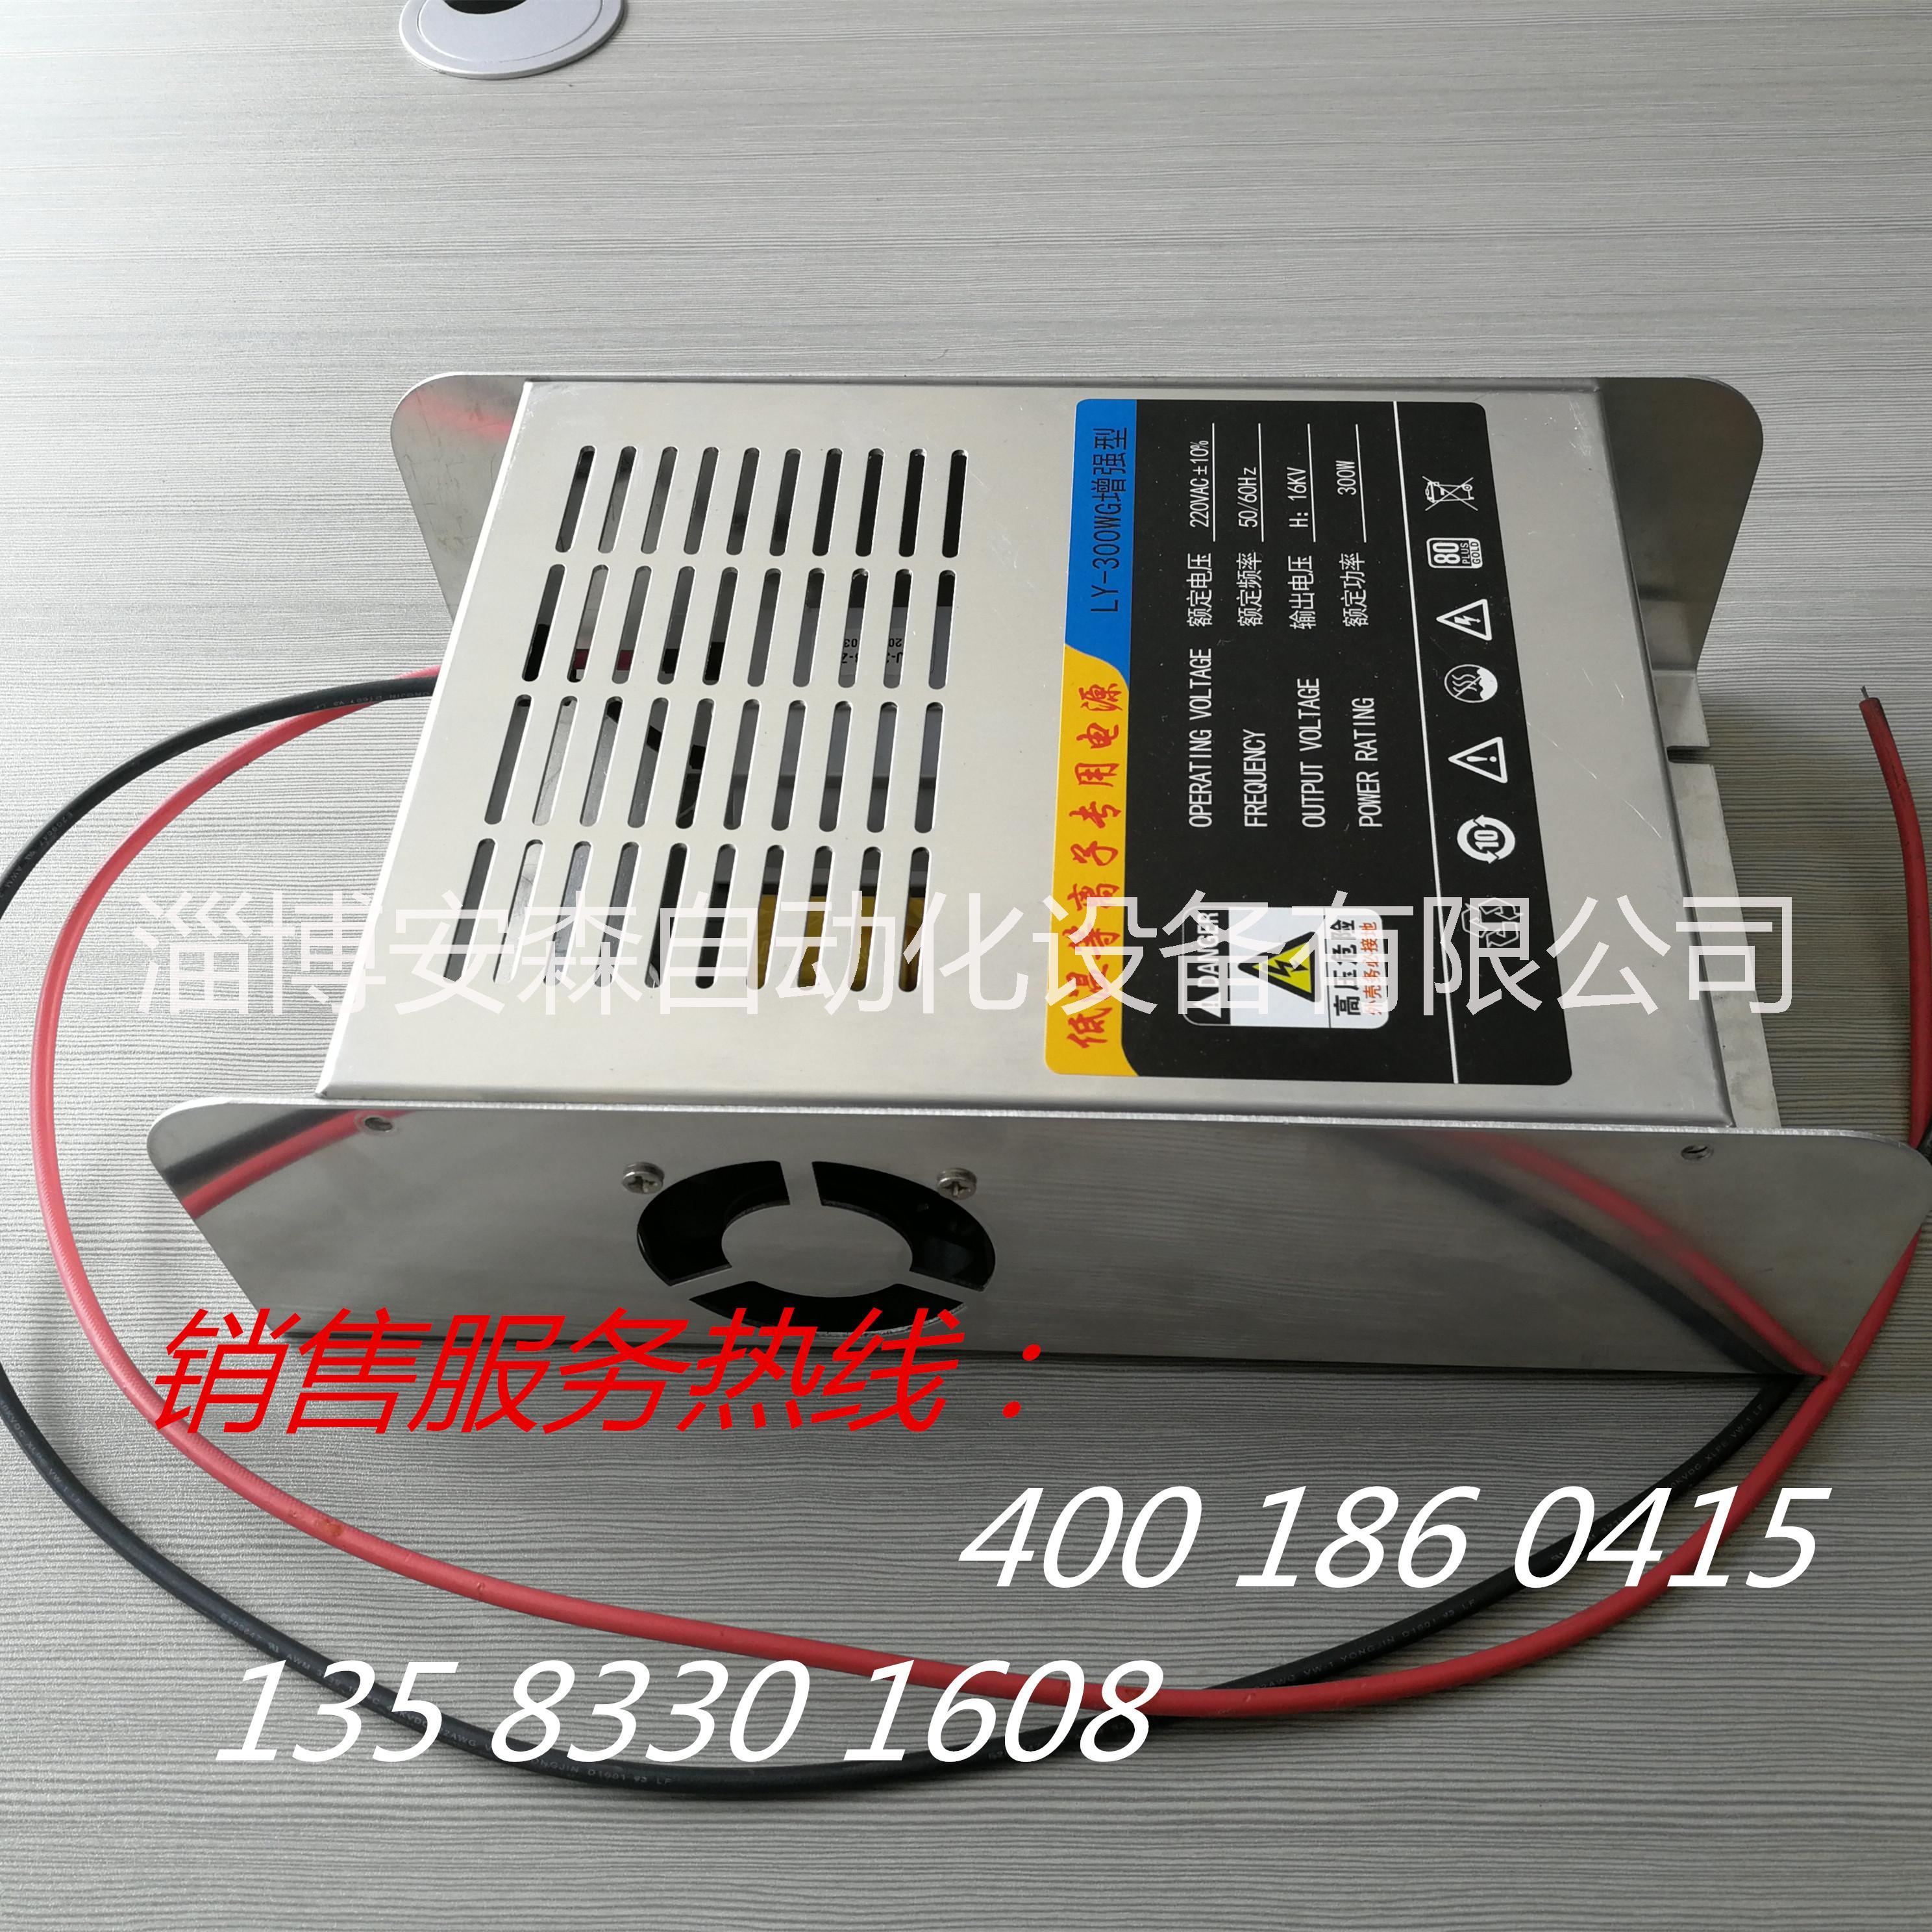 低温等离子高压电源销售